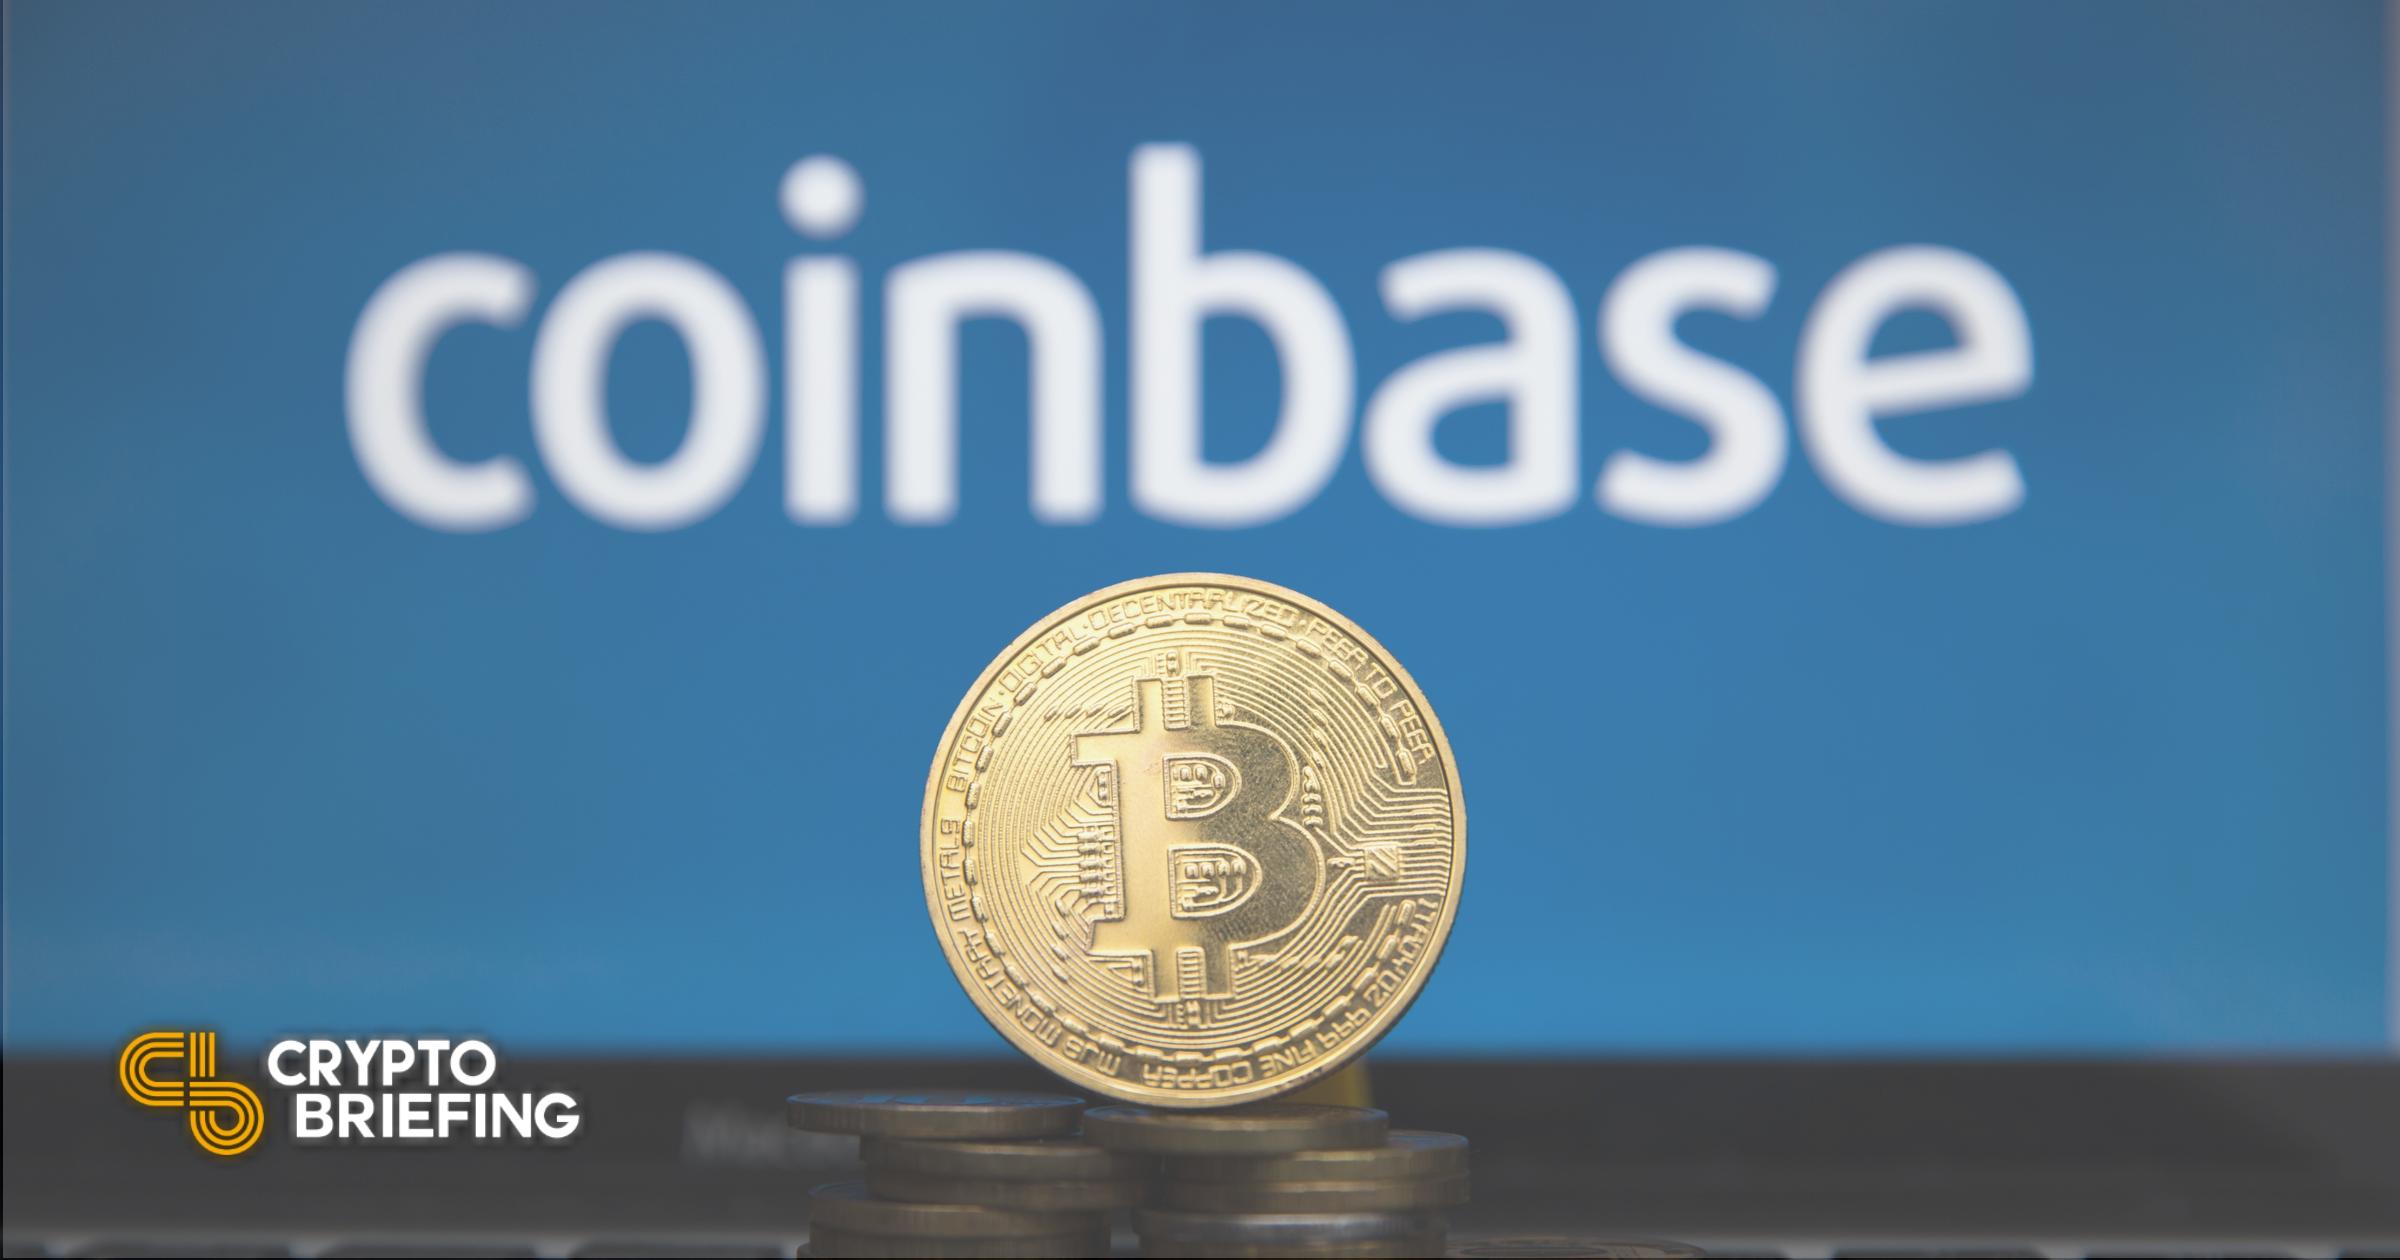 La cotización de Coinbase causará una «fiebre del oro de las criptomonedas», dicen los inversores de ETF